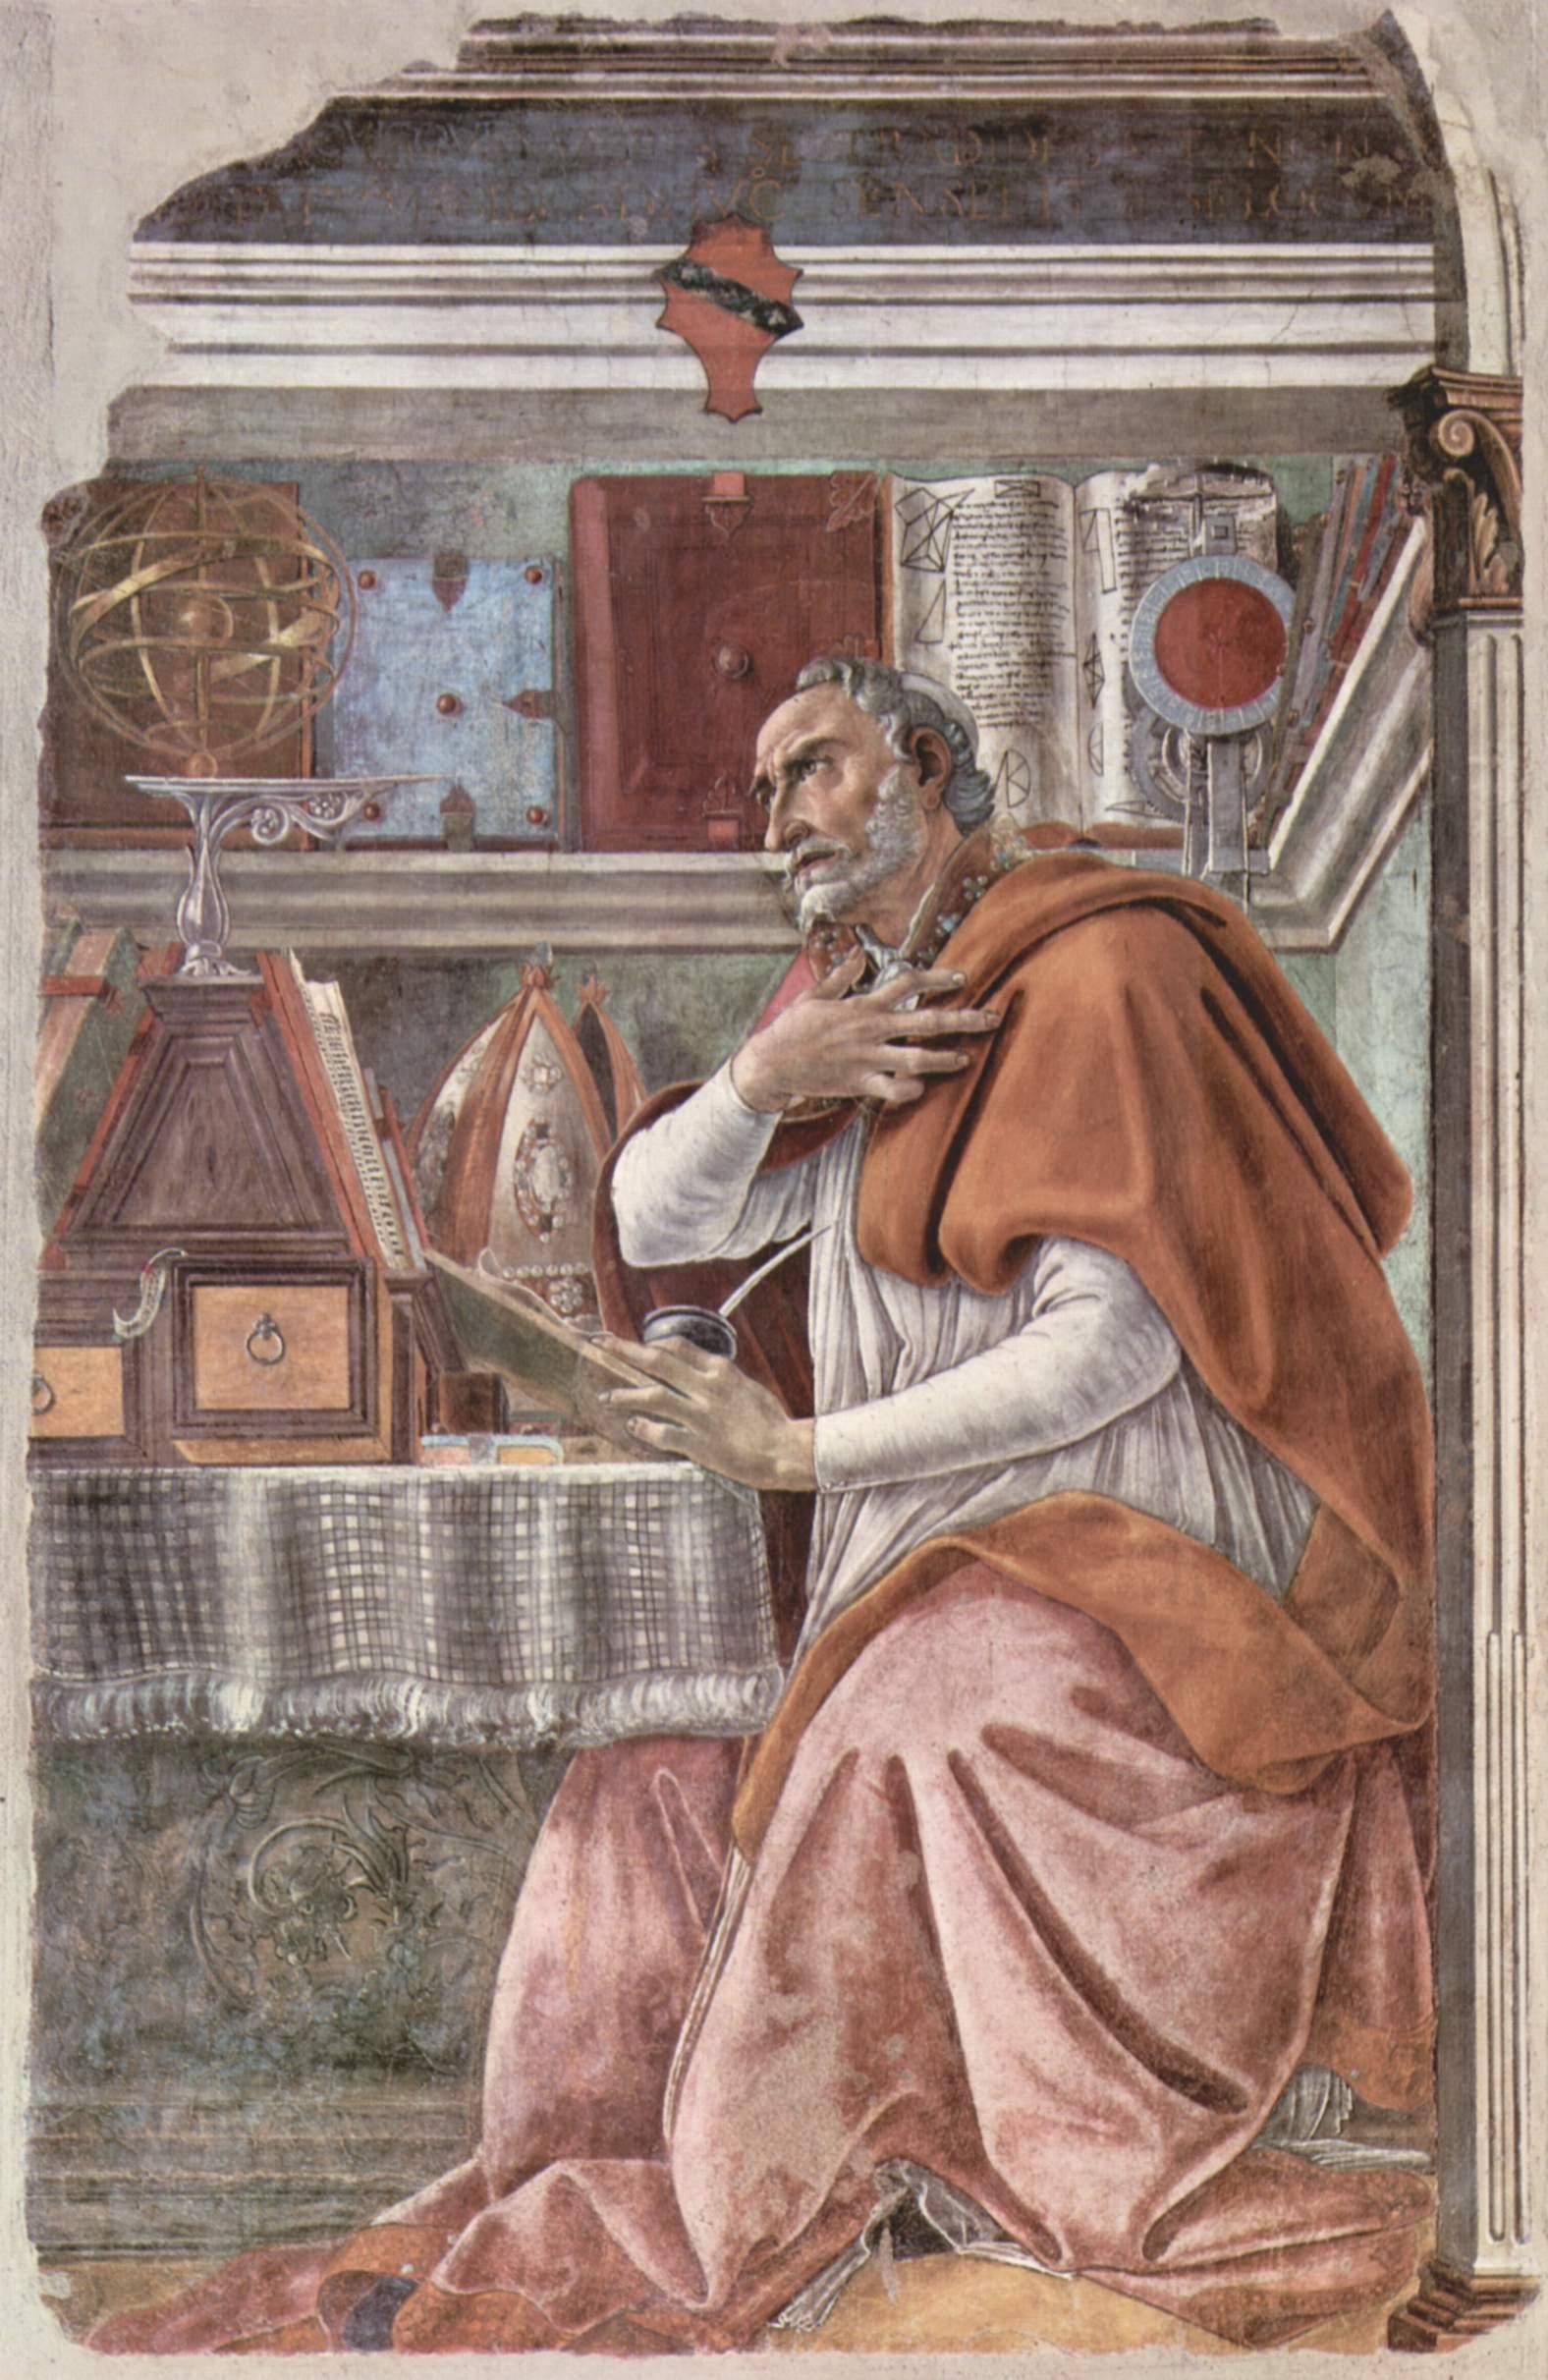 Saint Augustin cabinet travail livre pensée Sandro Botticelli